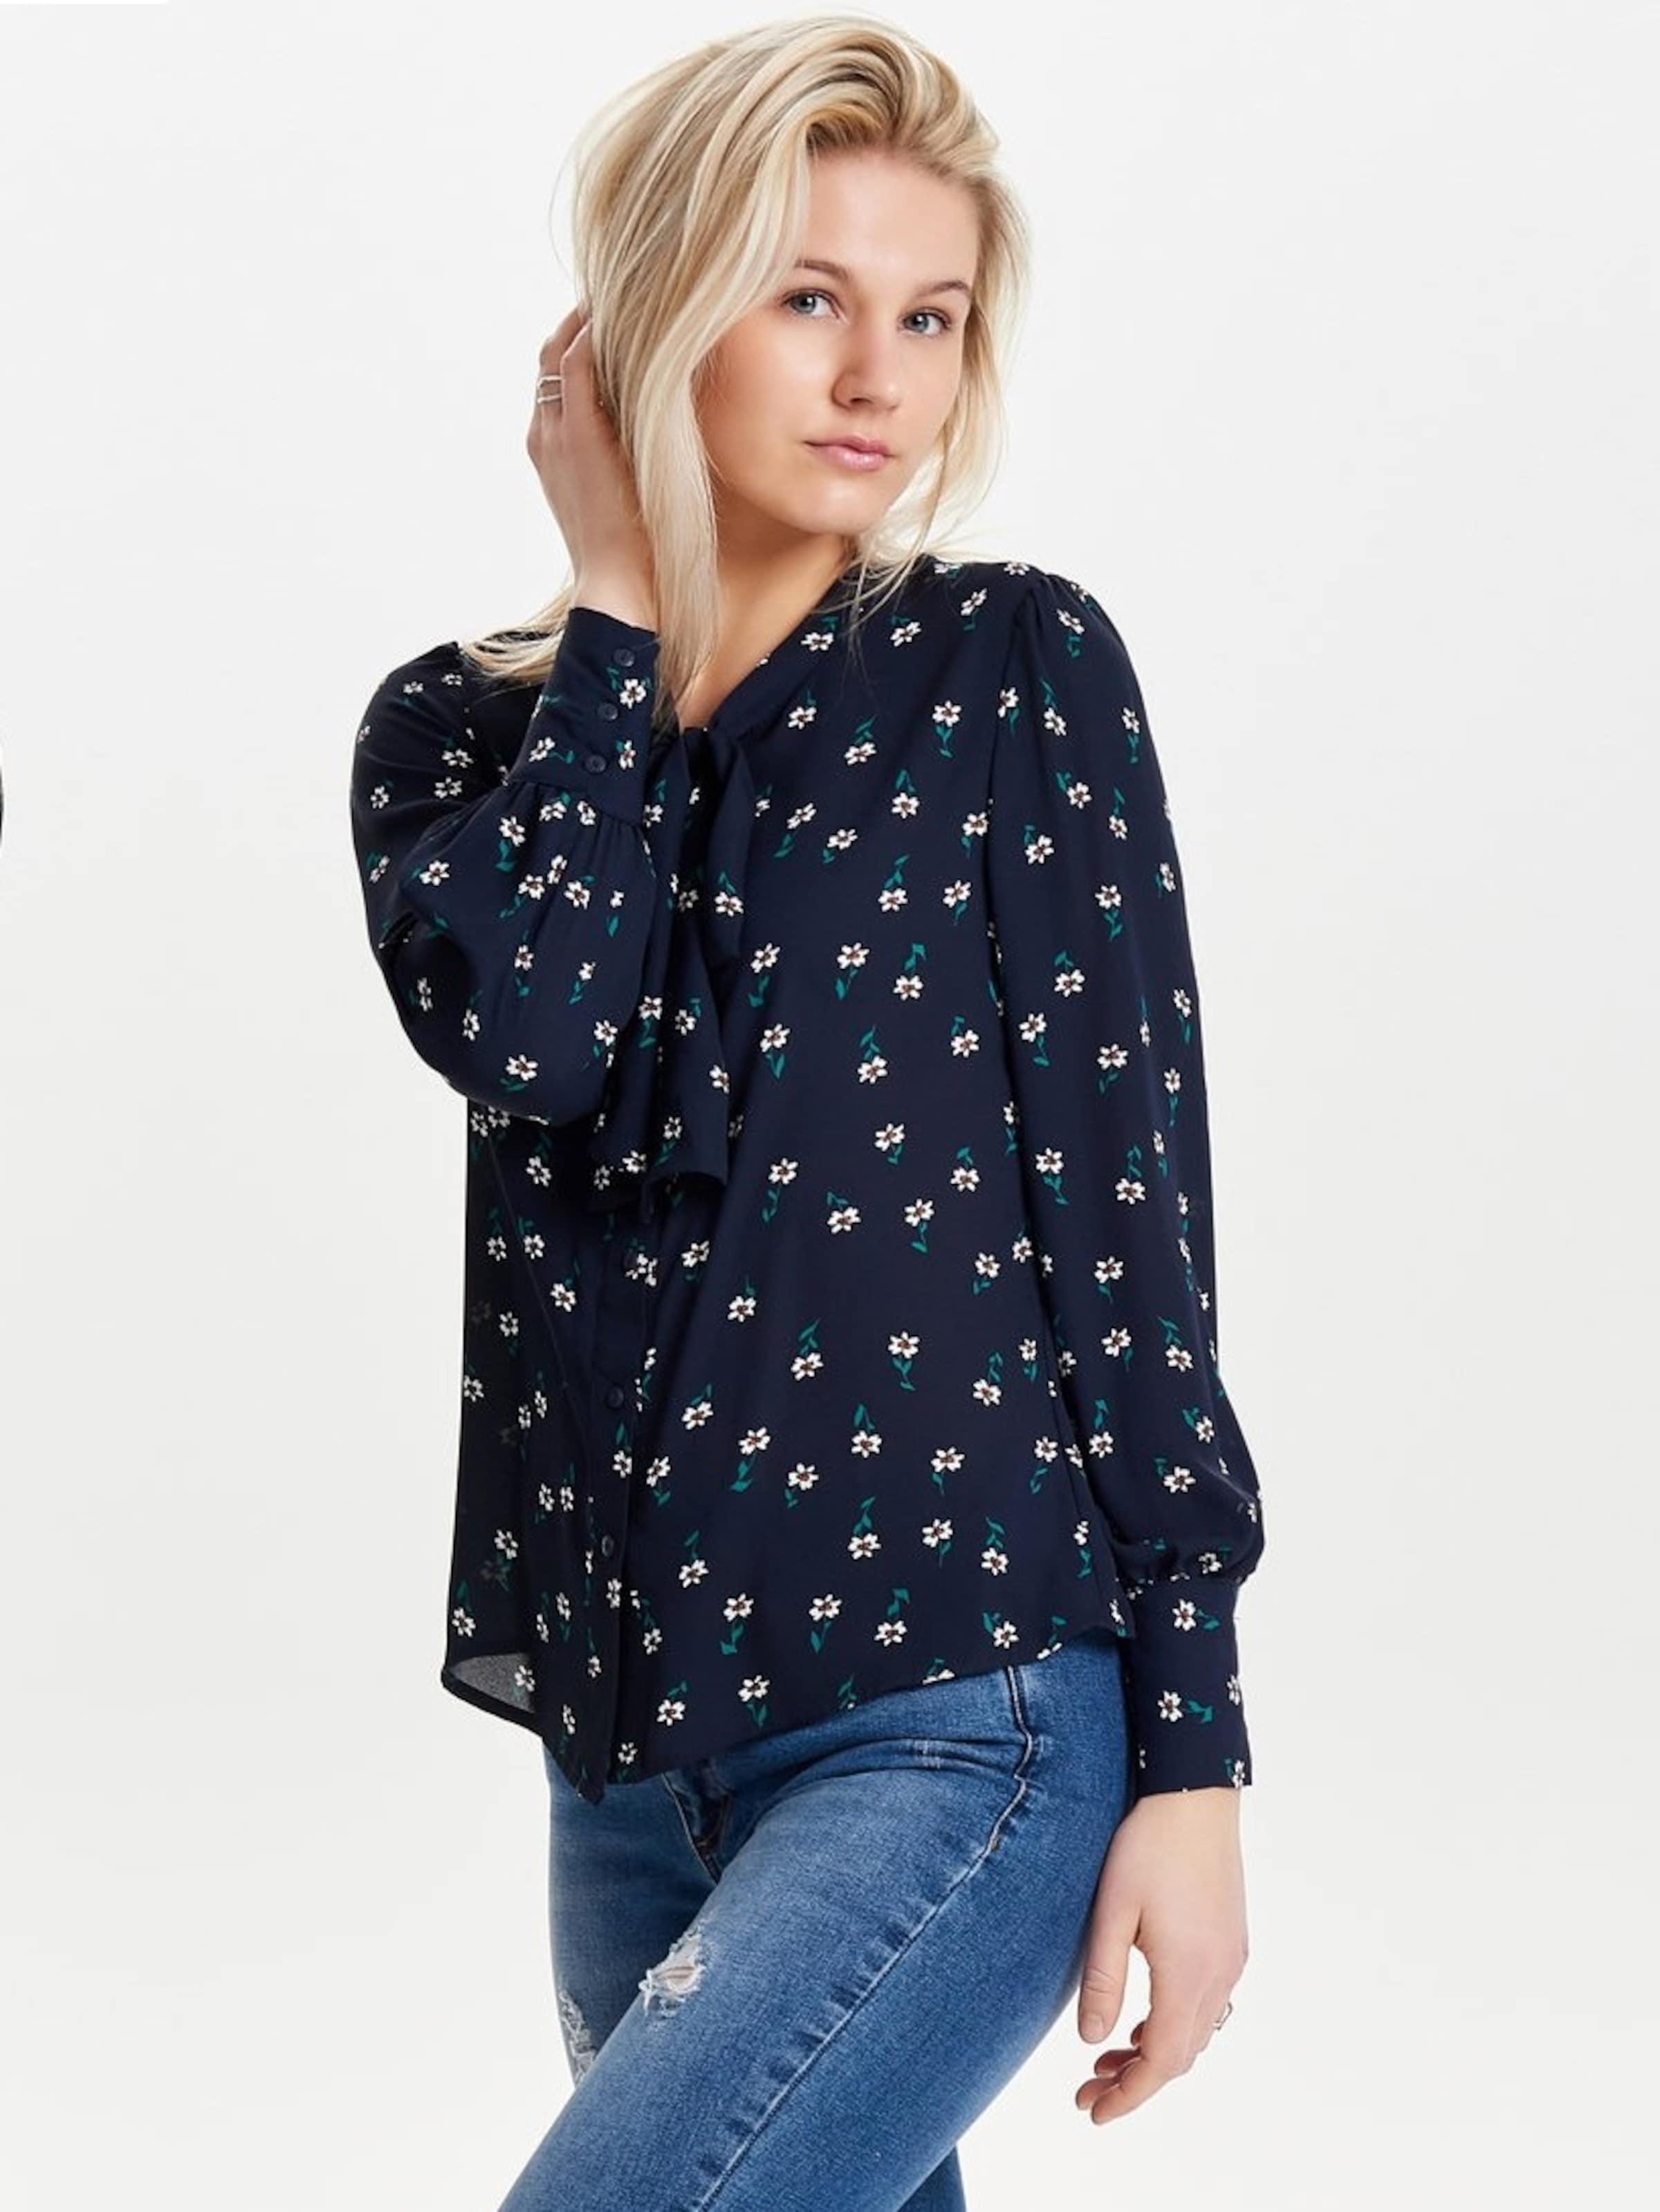 Günstiger Preis Großhandelspreis Kaufen Billig Zu Kaufen ONLY Detailreiches Langarmhemd Offizieller Online-Verkauf u5xVlhAtH